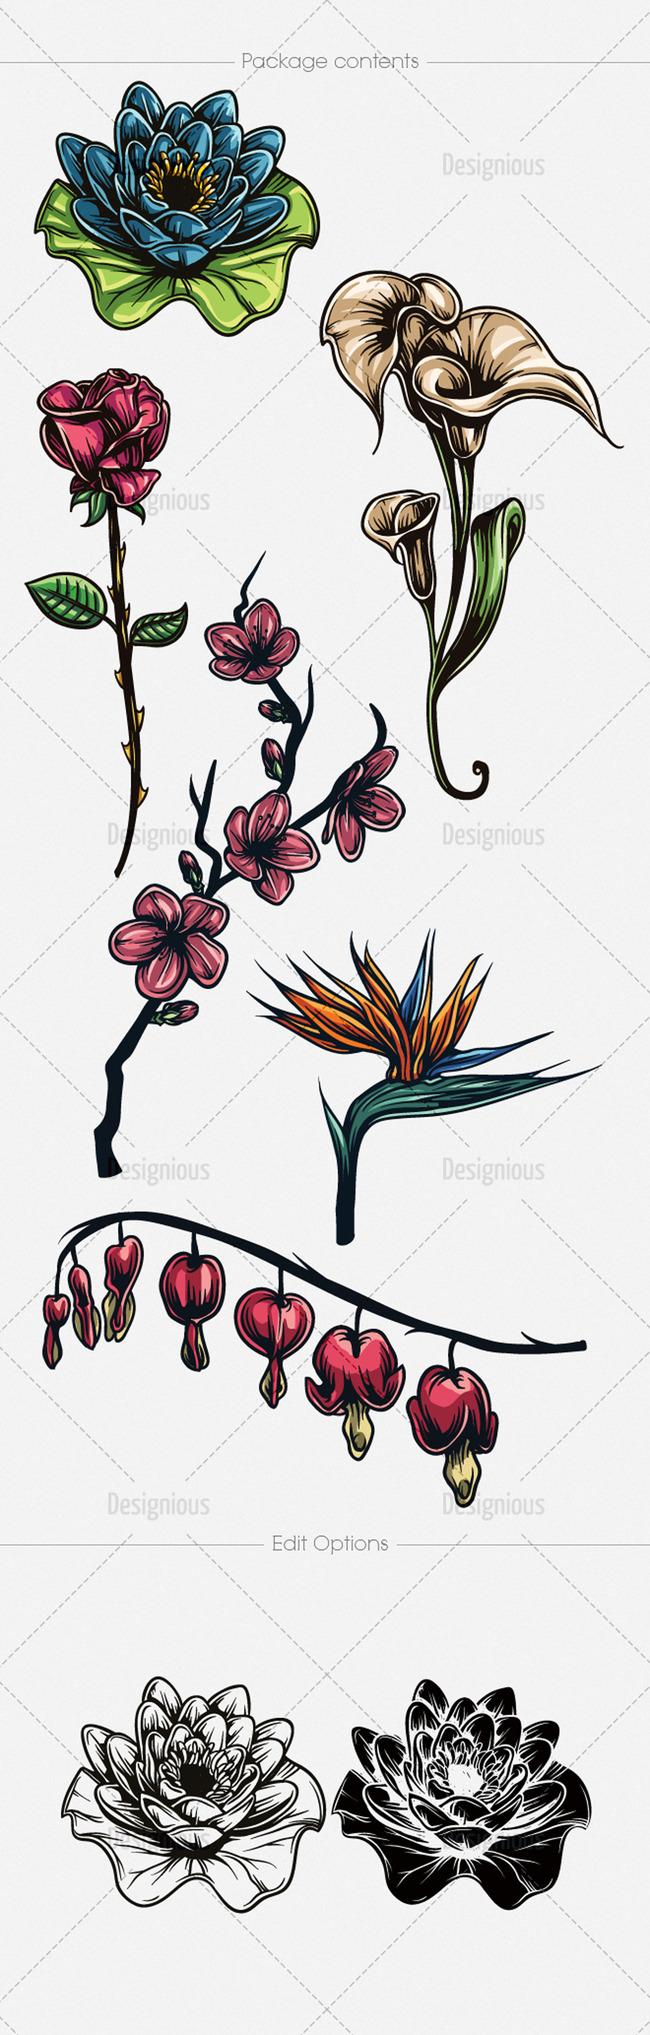 手绘矢量花朵图案